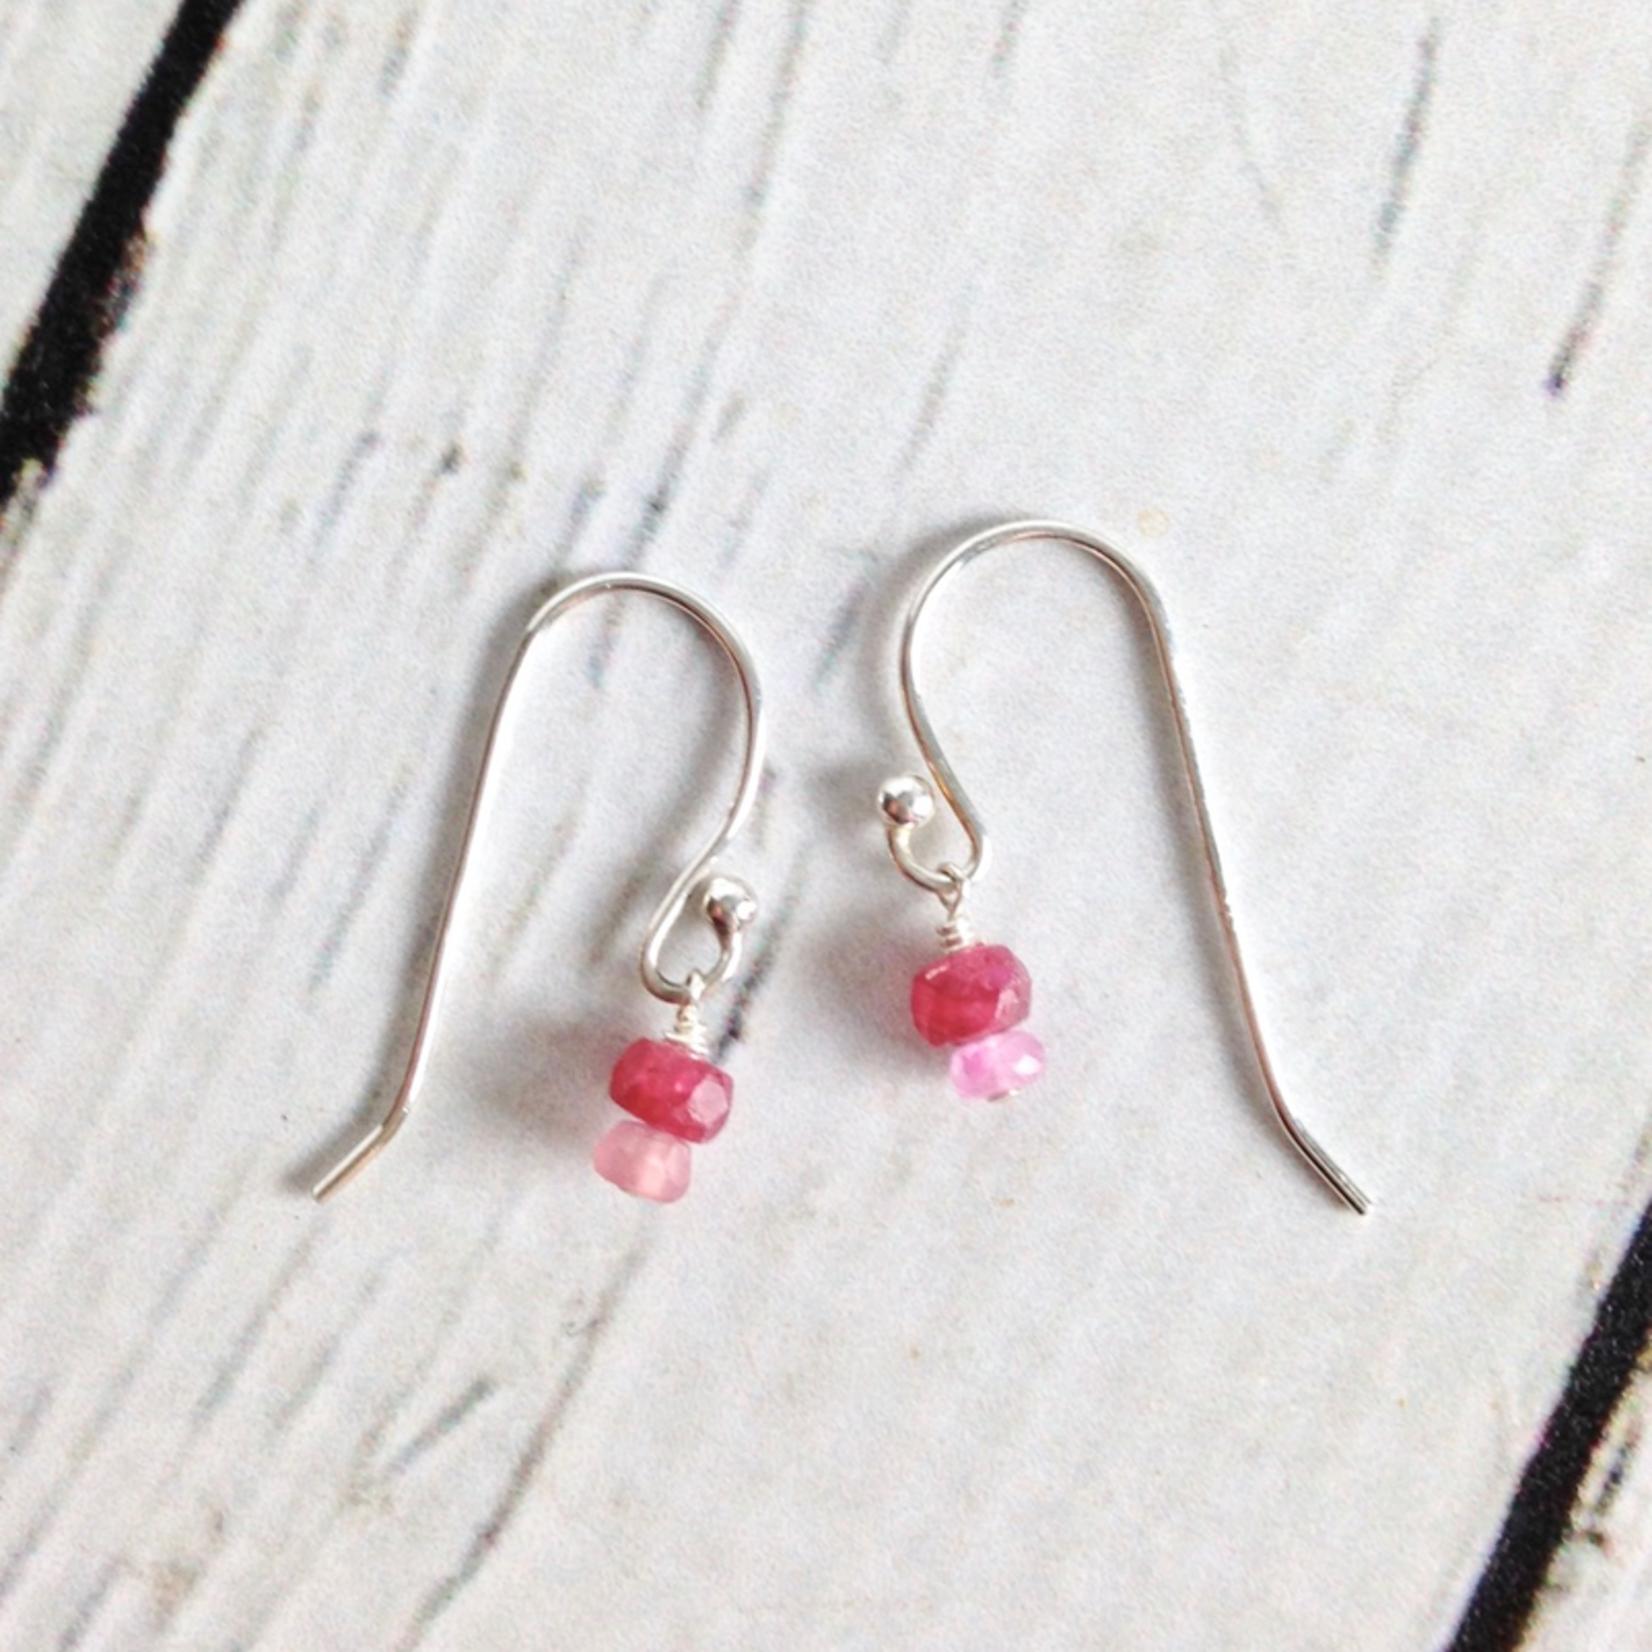 Handmade Birthstone Earrings